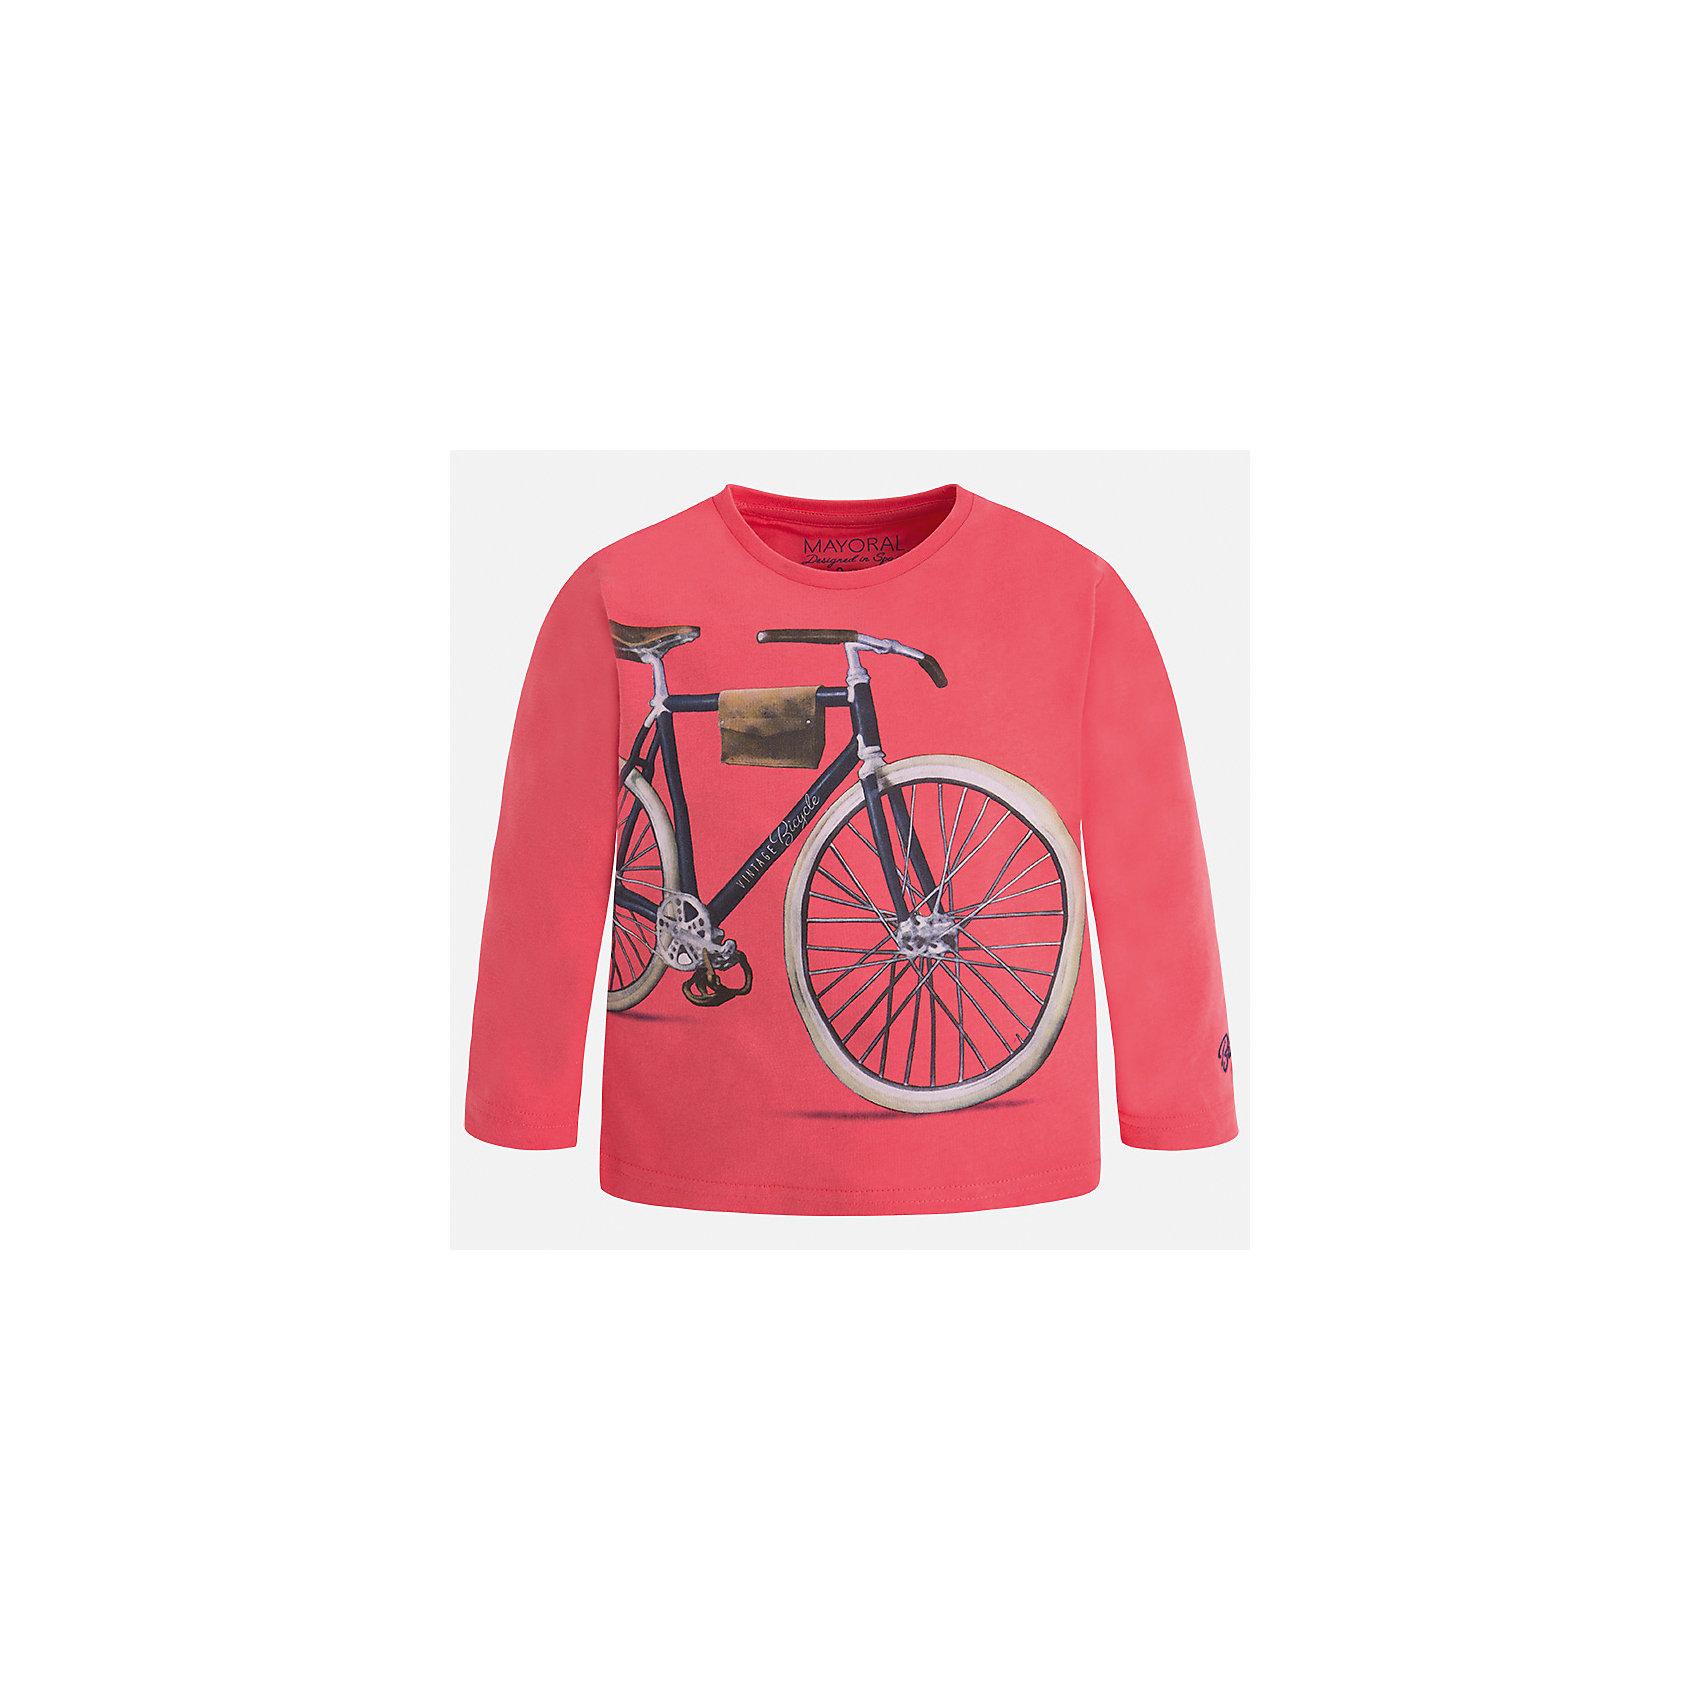 Футболка с длинным рукавом для мальчика MayoralХарактеристики товара:<br><br>• цвет: розовый<br>• состав: 100% хлопок<br>• круглый горловой вырез<br>• декорирована принтом<br>• длинные рукава<br>• отделка горловины<br>• страна бренда: Испания<br><br>Удобная модная футболка с принтом поможет разнообразить гардероб мальчика. Она отлично сочетается с брюками, шортами, джинсами. Универсальный крой и цвет позволяет подобрать к вещи низ разных расцветок. Практичное и стильное изделие! Хорошо смотрится и комфортно сидит на детях. В составе материала - только натуральный хлопок, гипоаллергенный, приятный на ощупь, дышащий. <br><br>Одежда, обувь и аксессуары от испанского бренда Mayoral полюбились детям и взрослым по всему миру. Модели этой марки - стильные и удобные. Для их производства используются только безопасные, качественные материалы и фурнитура. Порадуйте ребенка модными и красивыми вещами от Mayoral! <br><br>Футболку с длинным рукавом для мальчика от испанского бренда Mayoral (Майорал) можно купить в нашем интернет-магазине.<br><br>Ширина мм: 230<br>Глубина мм: 40<br>Высота мм: 220<br>Вес г: 250<br>Цвет: розовый<br>Возраст от месяцев: 36<br>Возраст до месяцев: 48<br>Пол: Мужской<br>Возраст: Детский<br>Размер: 104,98,92,122,134,128,116,110<br>SKU: 5280219